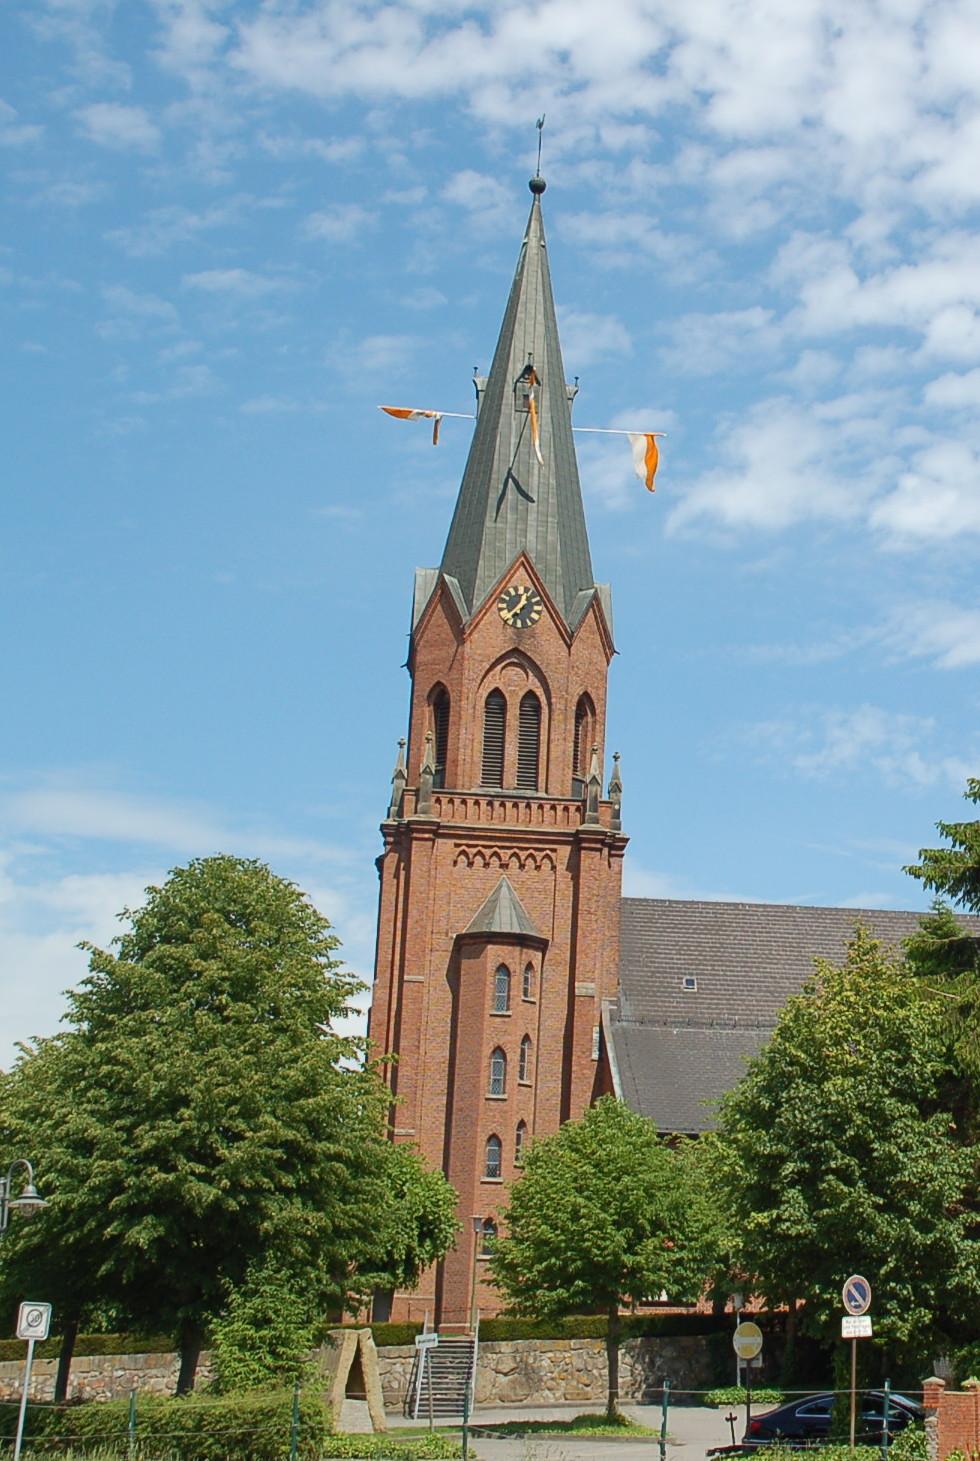 Lauschkonzert in der Pfarrkirche St. Vitus Lathen